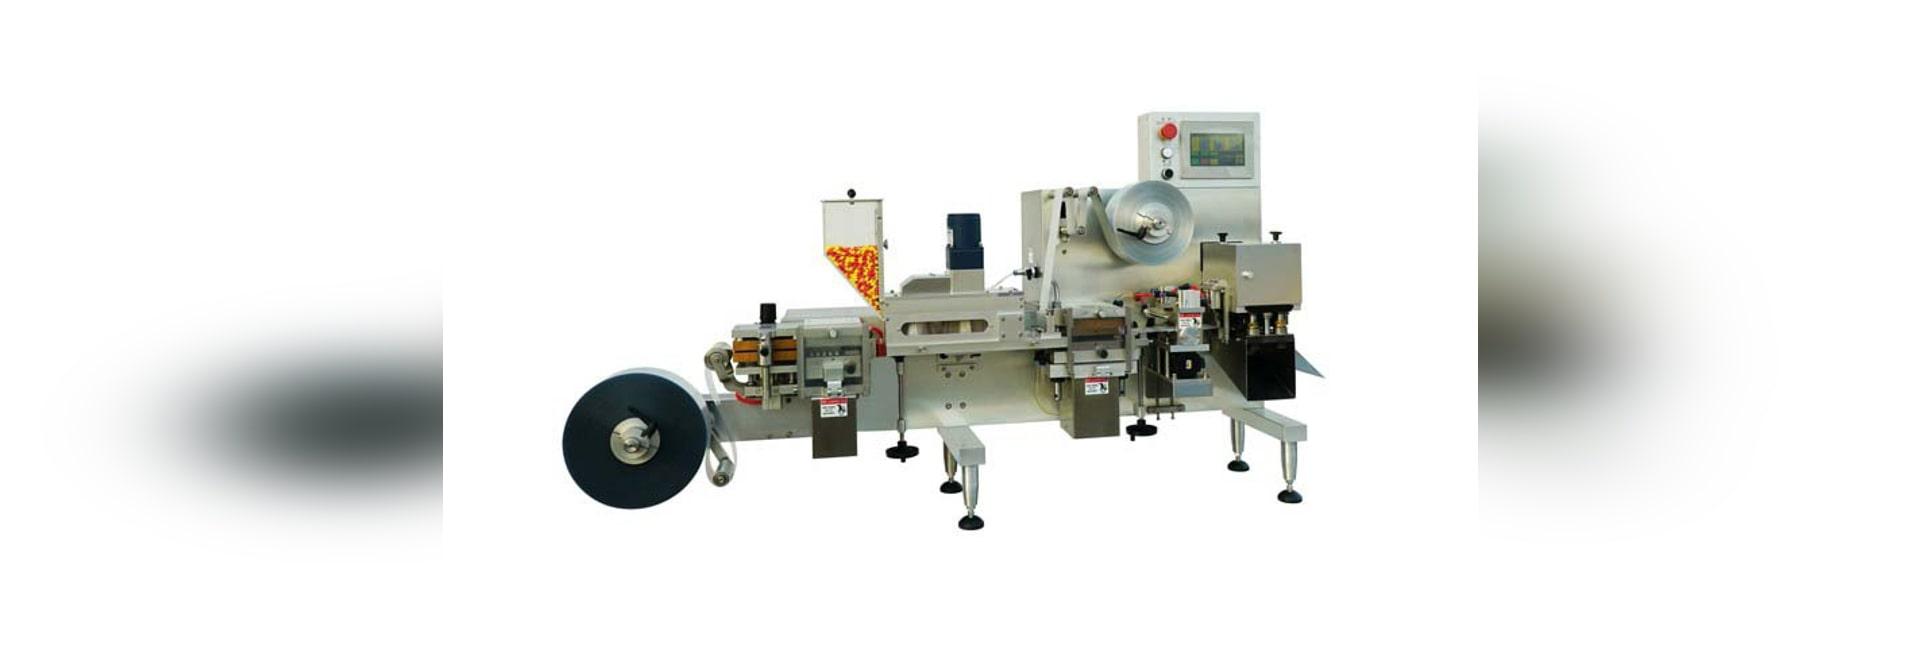 Les caractéristiques de la machine DPP80 de boursouflure